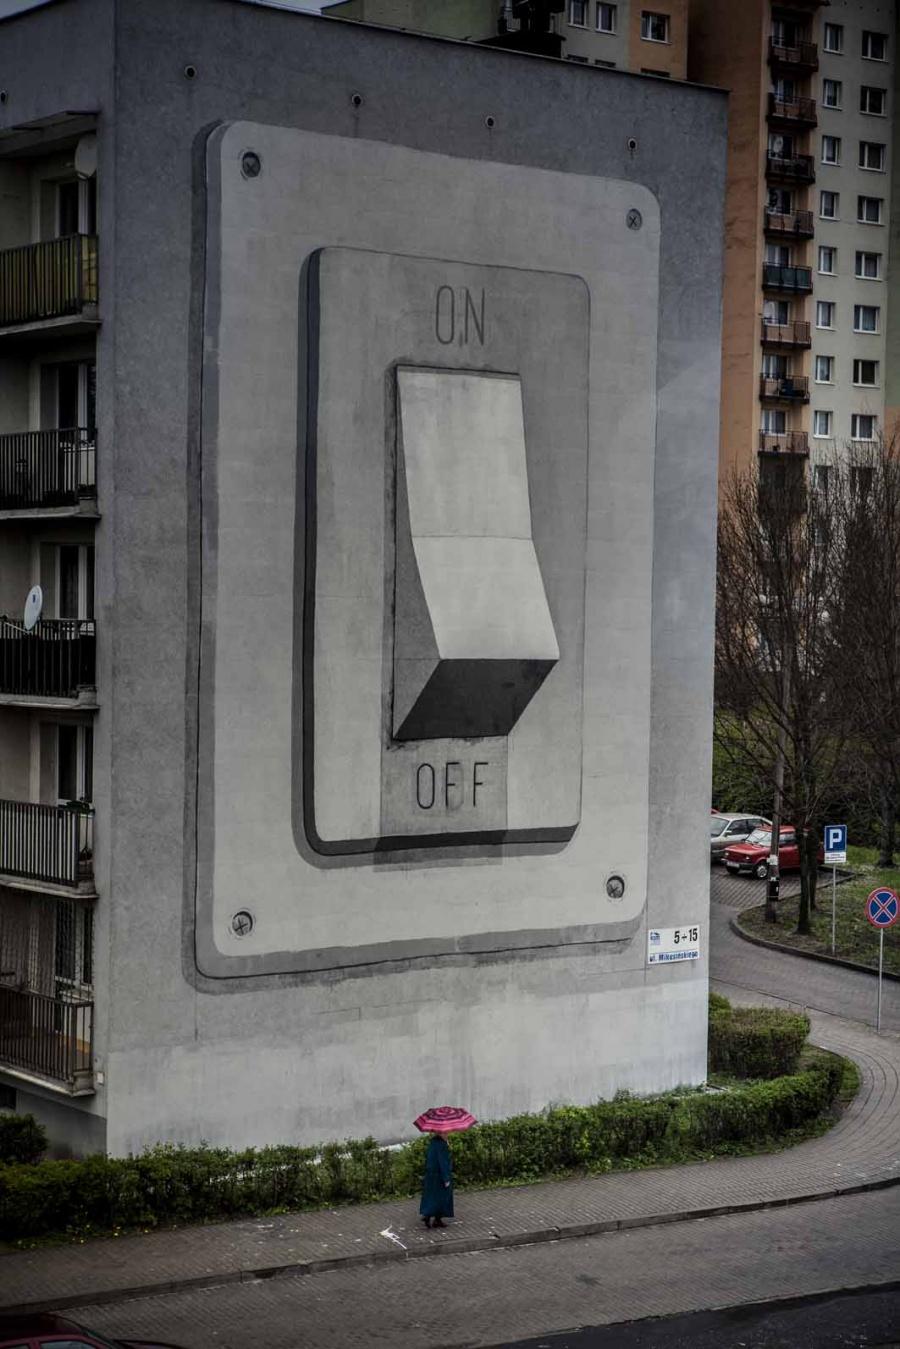 opere-street-art-illusioni-ottiche-12